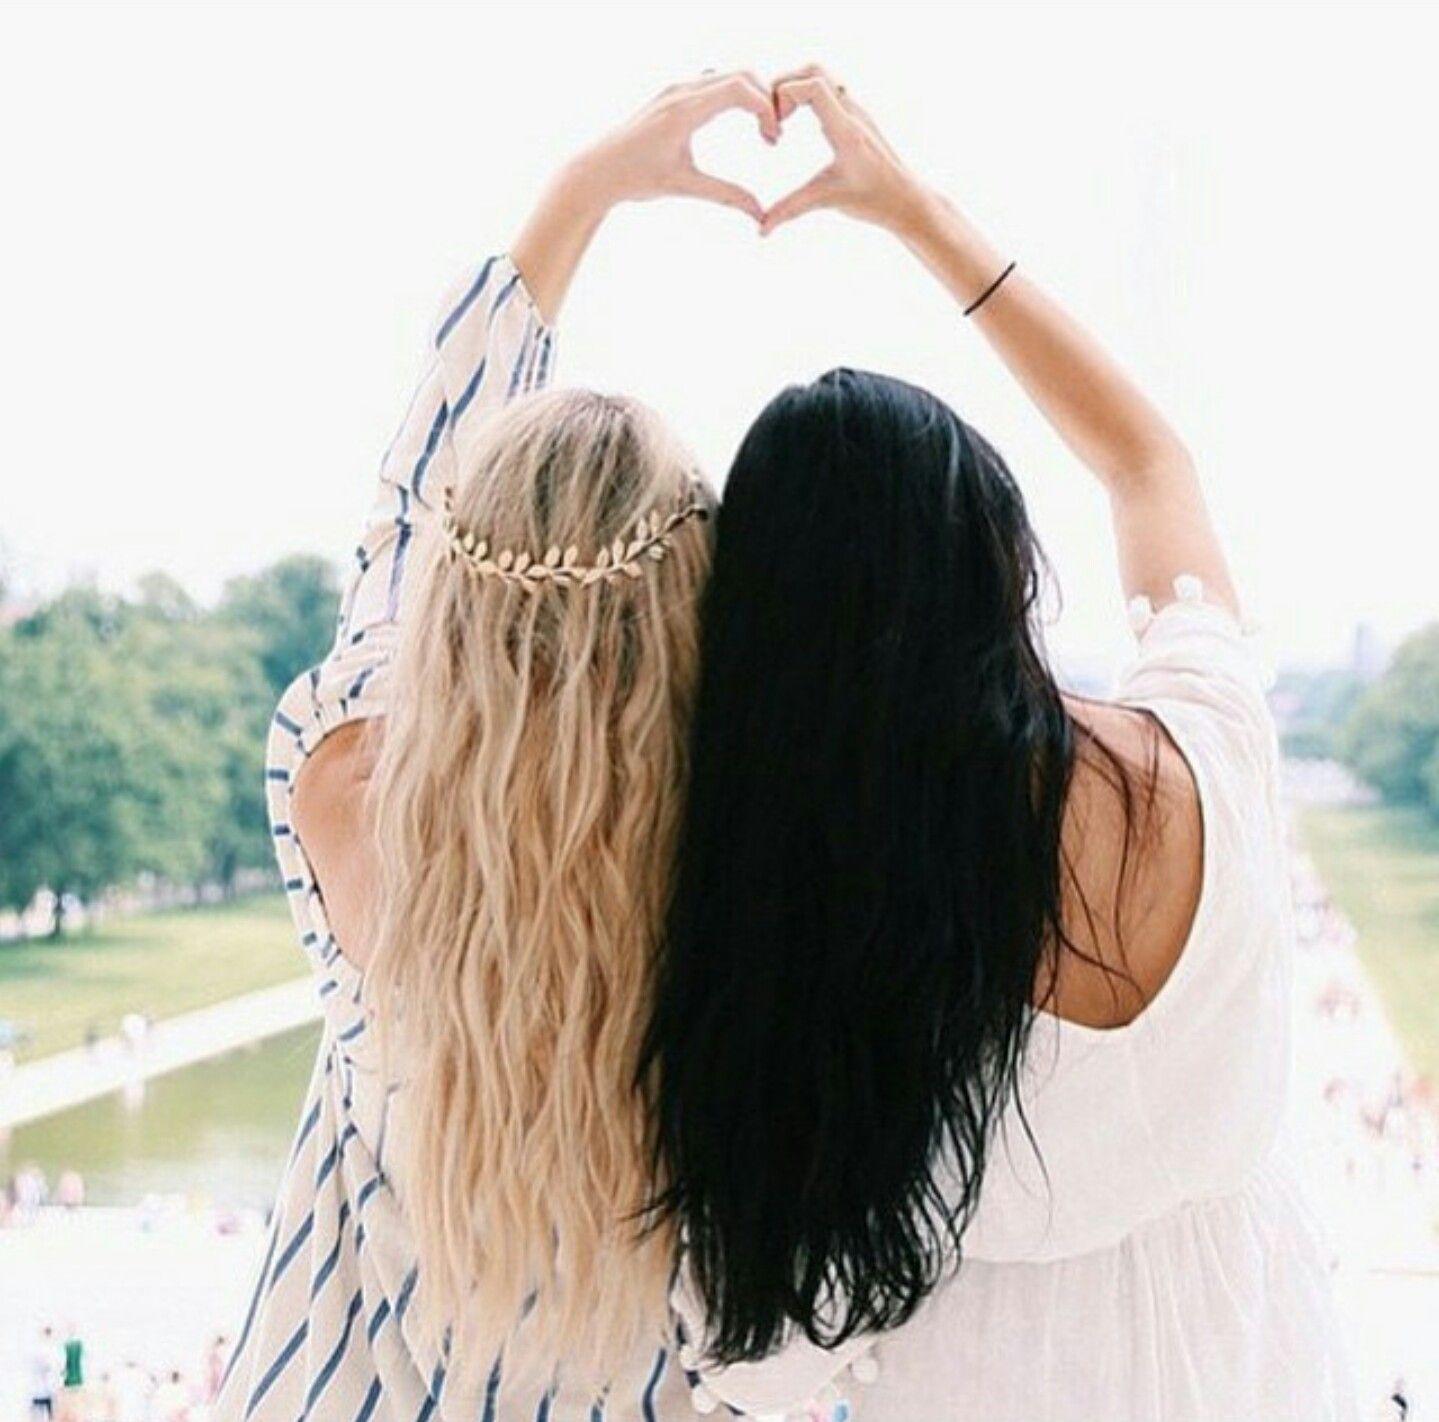 Картинки две девочки блондинка и брюнетка дружба, нежности мужчине